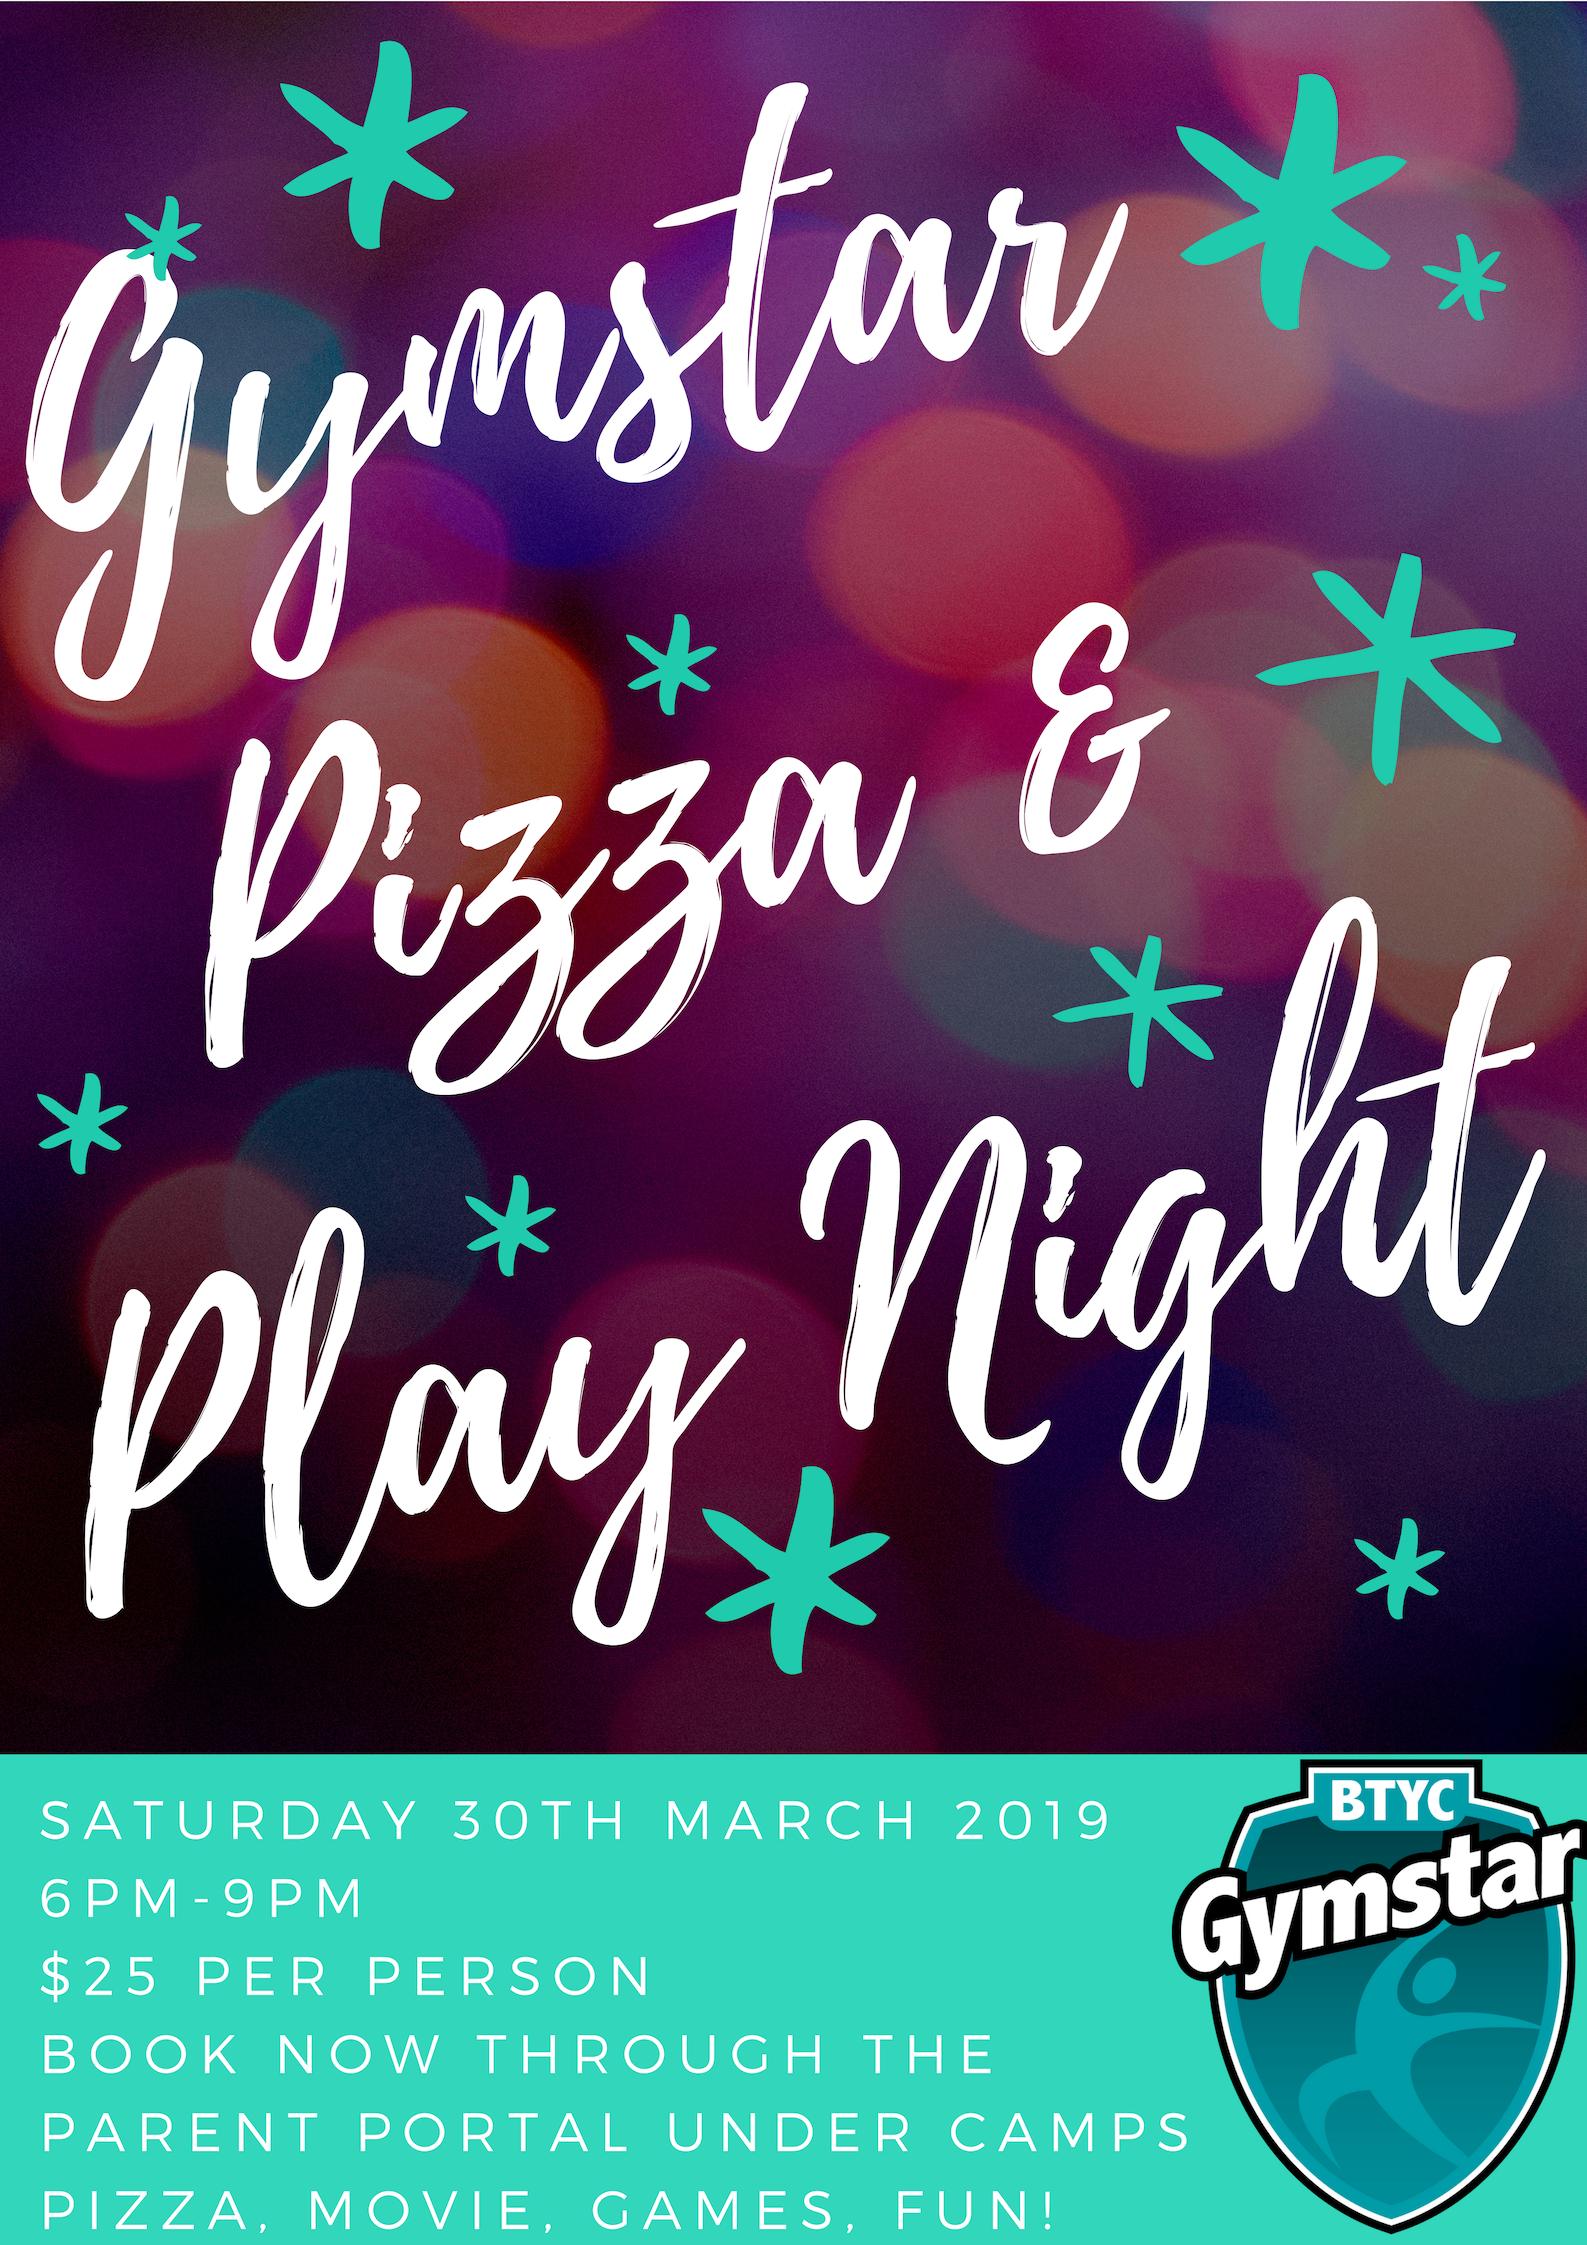 Gymstar Pizza & Play Night V1 - BTYC Gymnastics